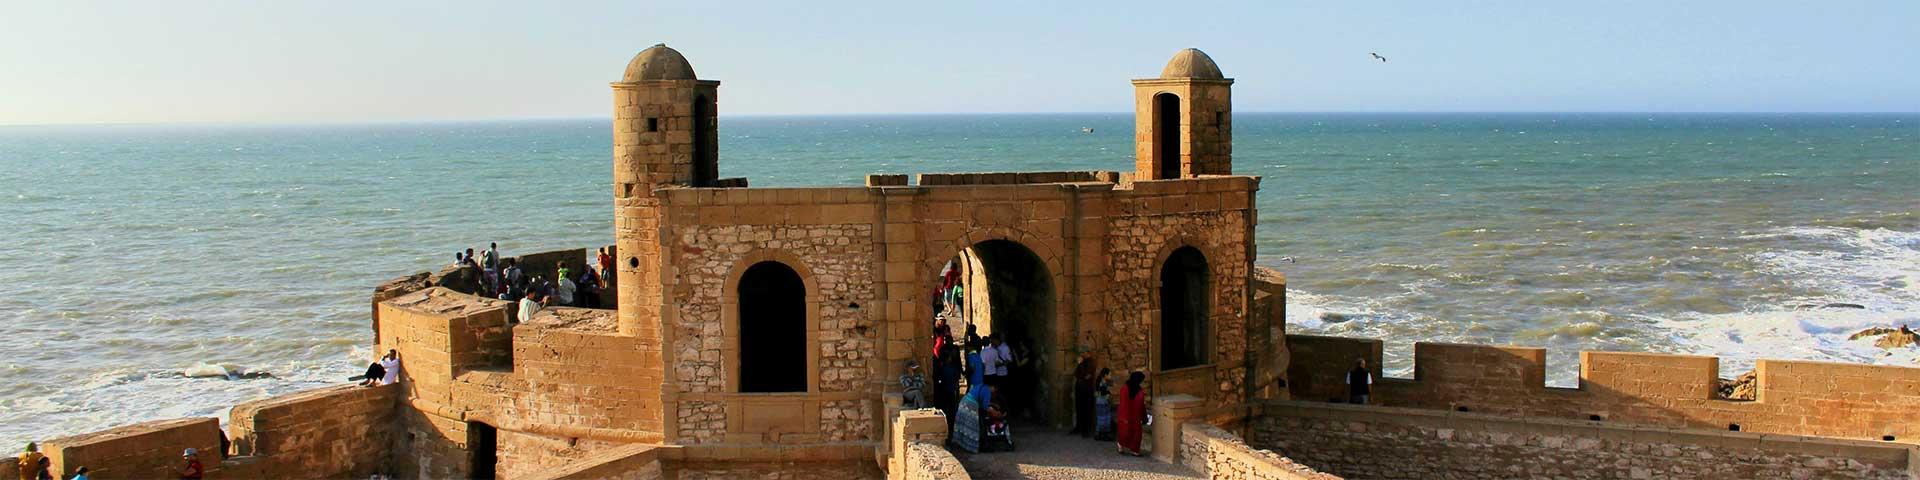 Essaouira Kasbah